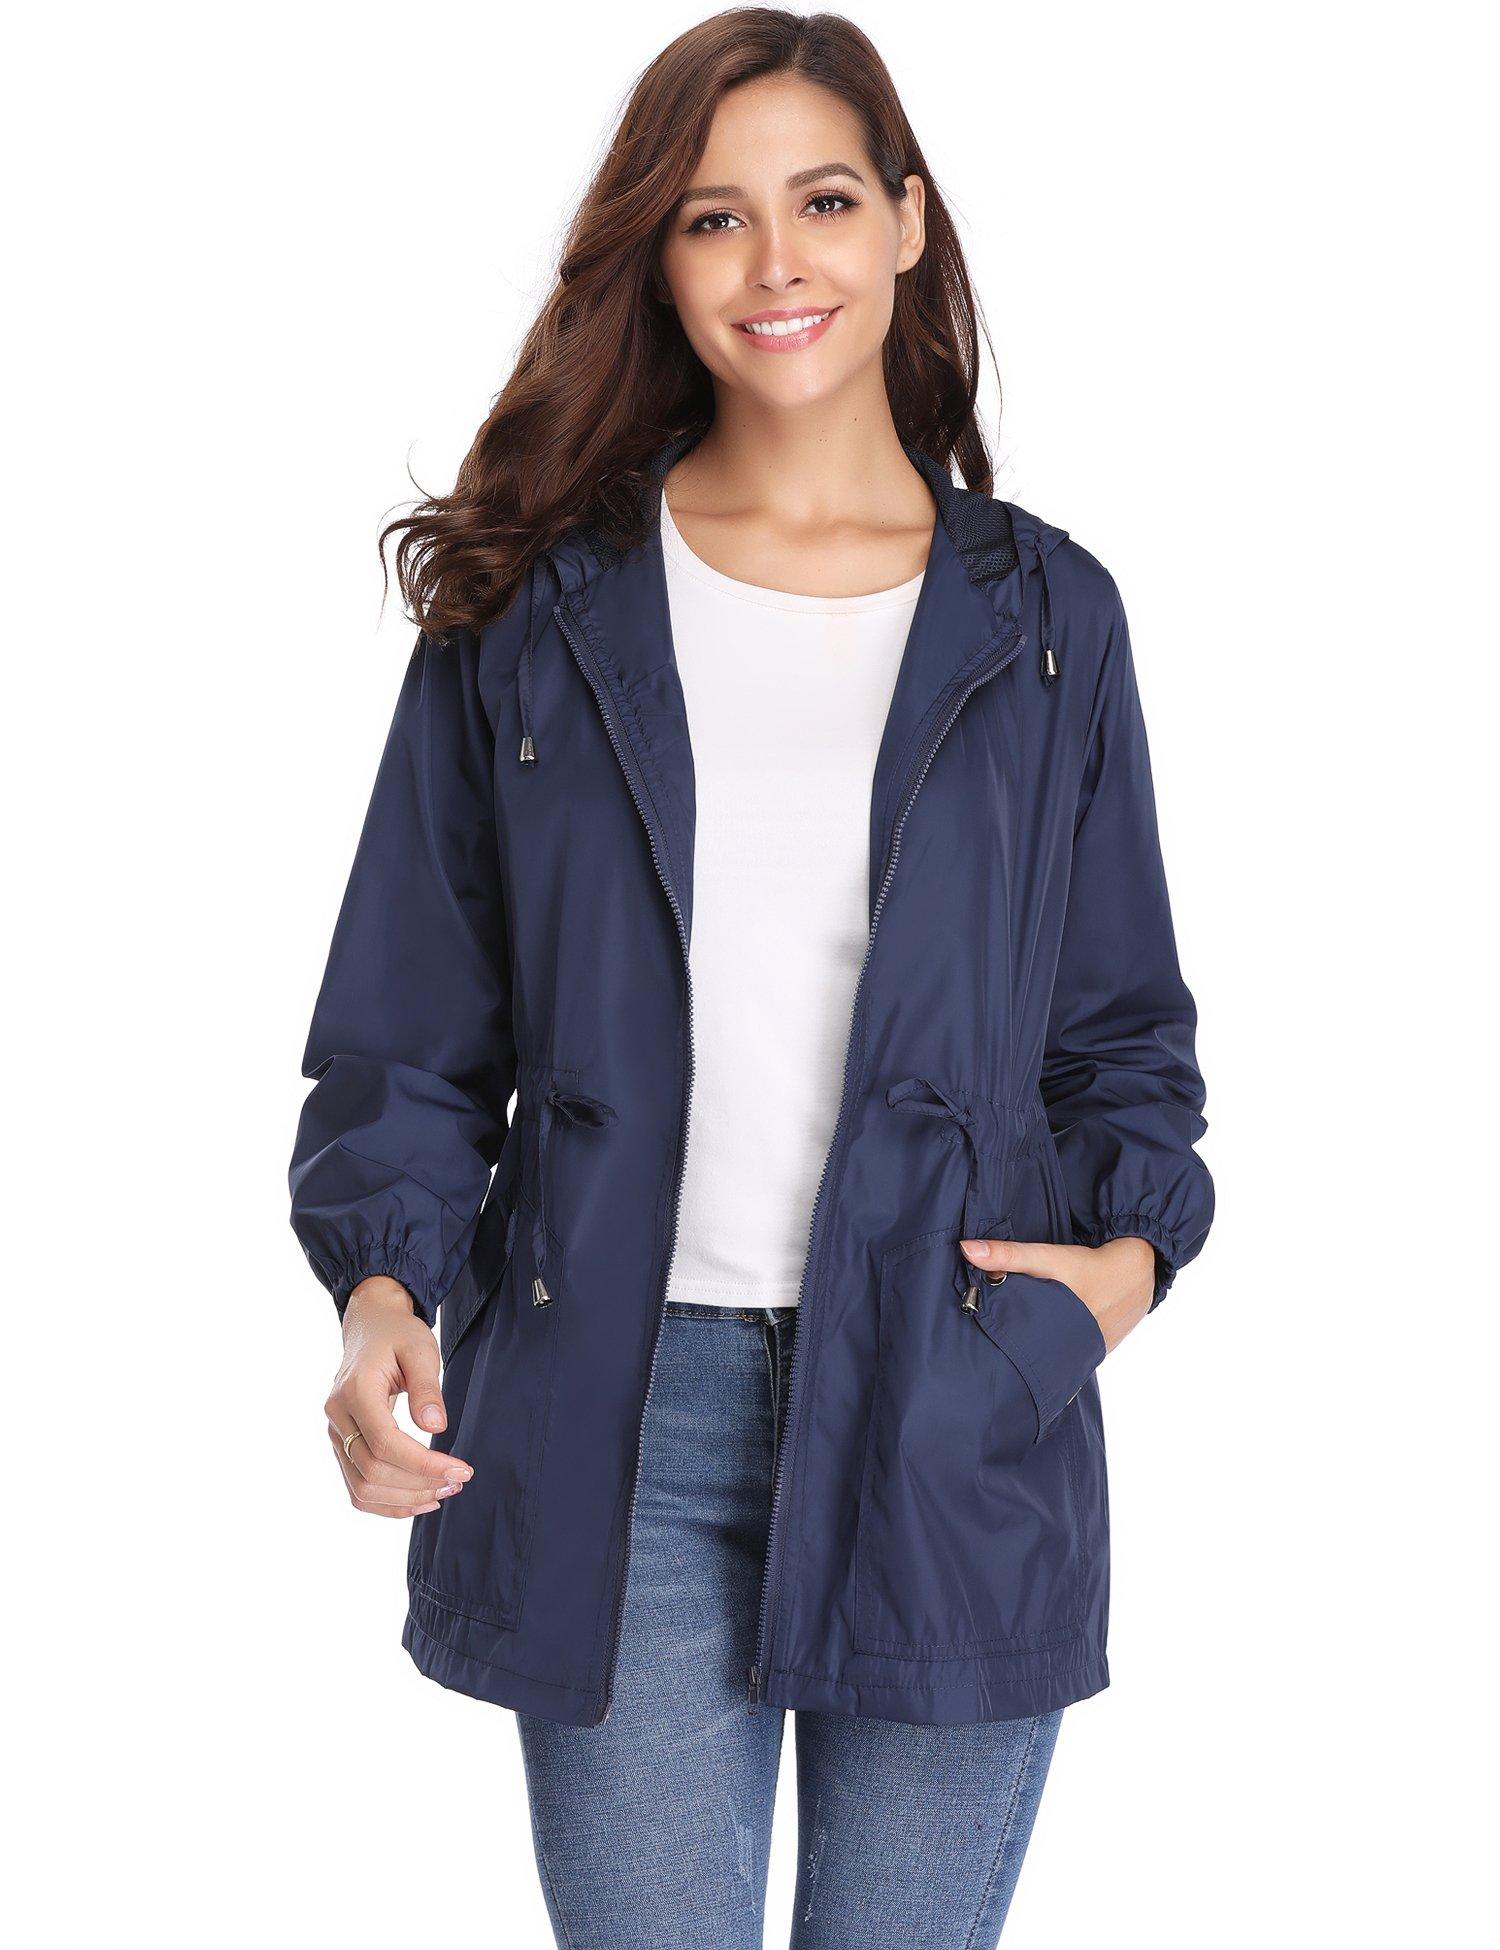 iClosam Women Waterproof Lightweight Hooded Raincoat Active Outdoor Rain Jacket